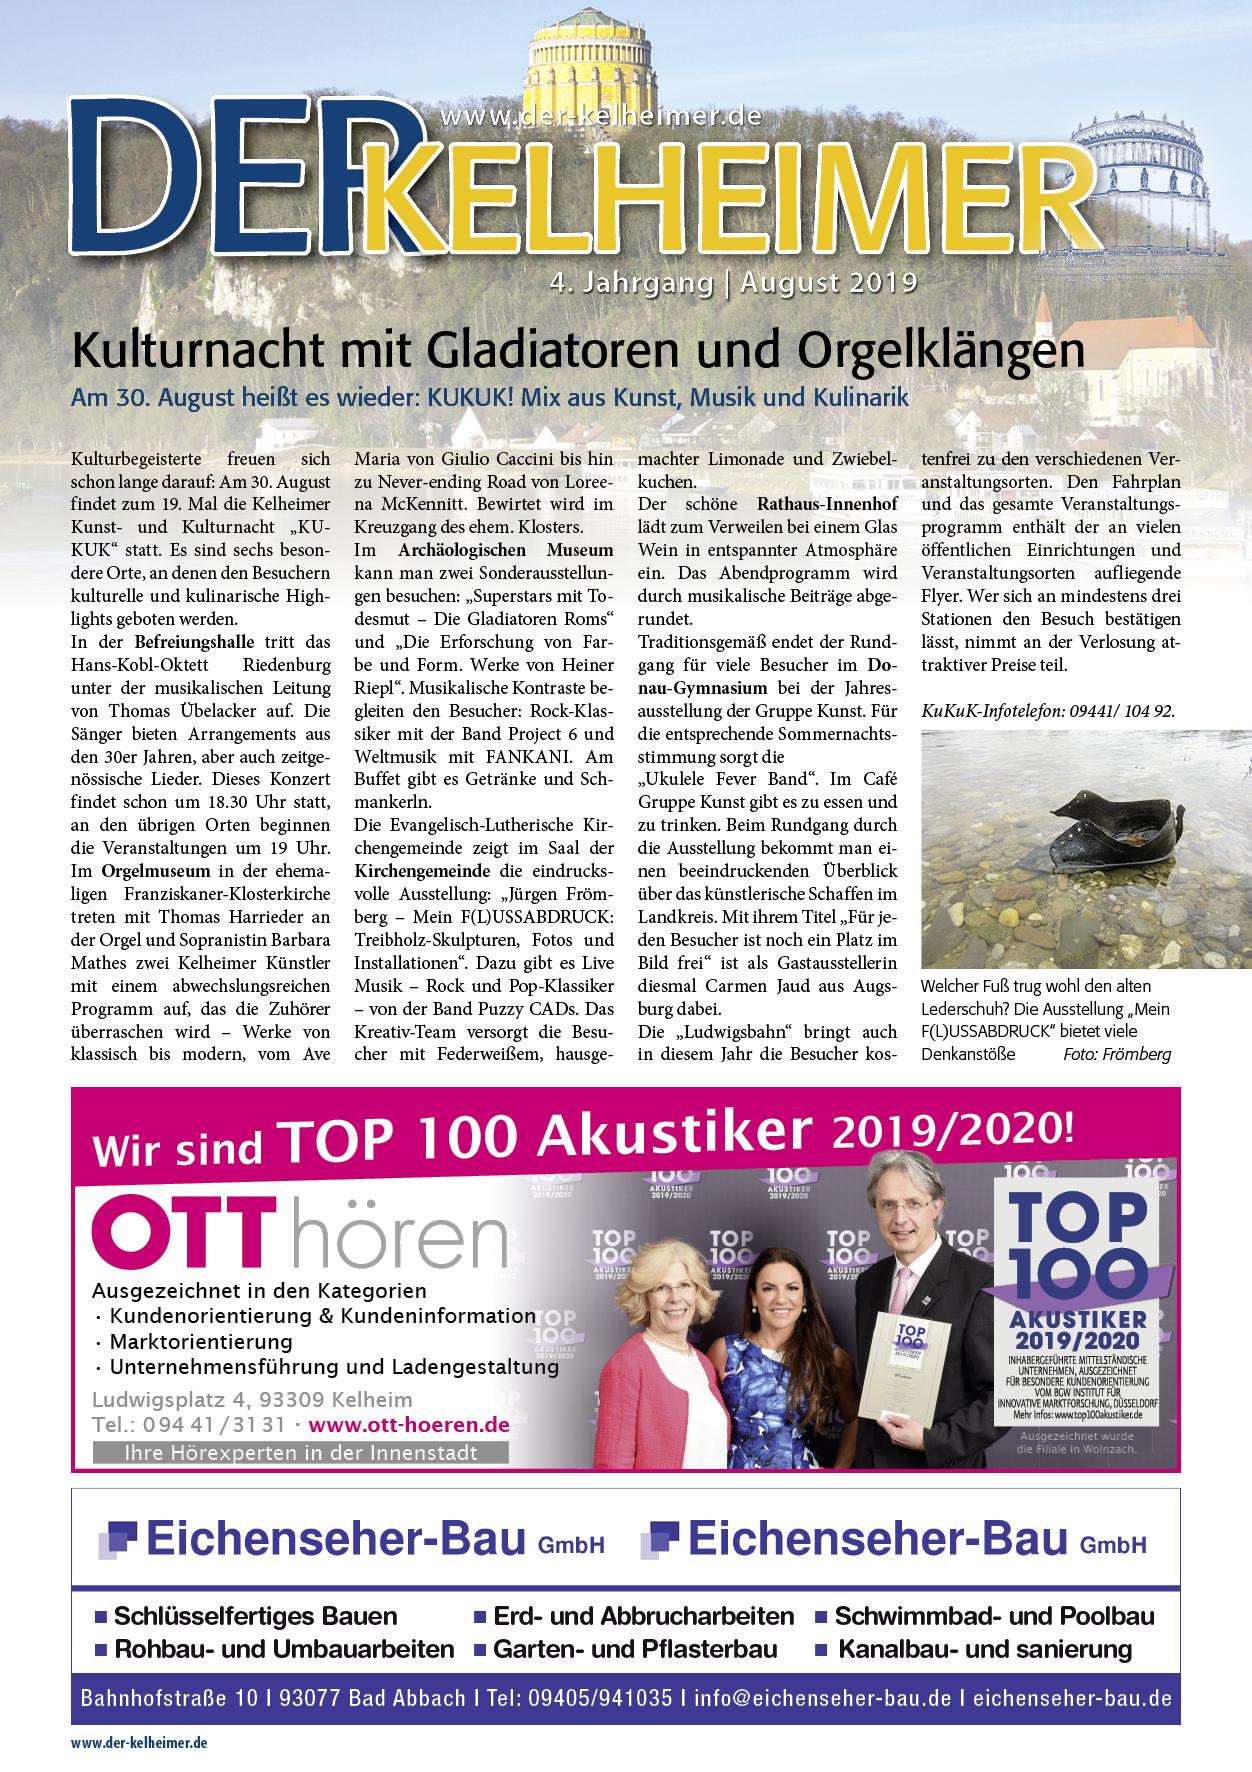 Der-Kelheimer-2019-08